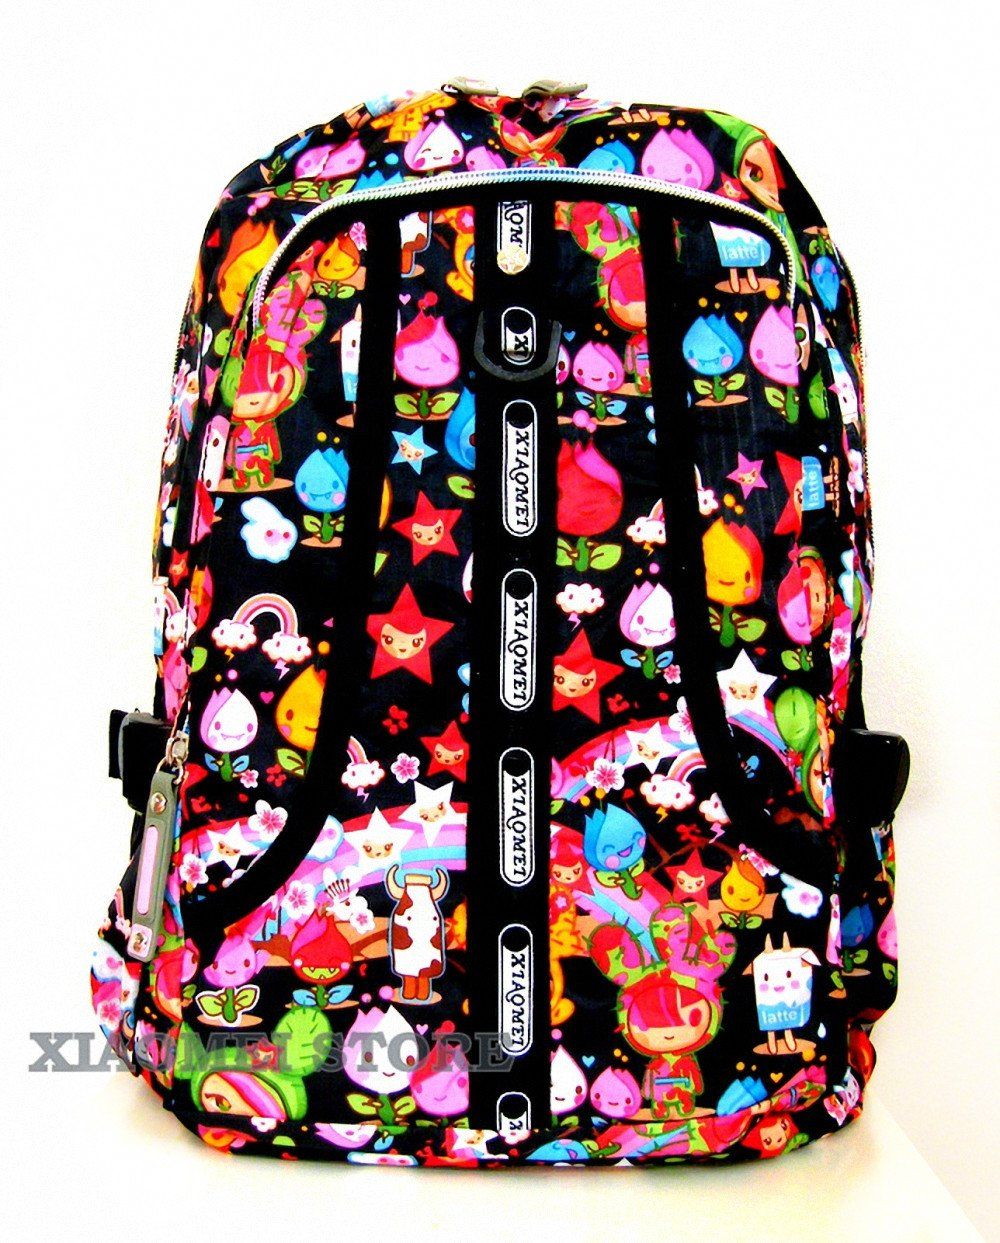 XIAOMEI Bunte Cartoon A4 Rucksack 8130 A für Reisen, Urlaub, Schule oder College